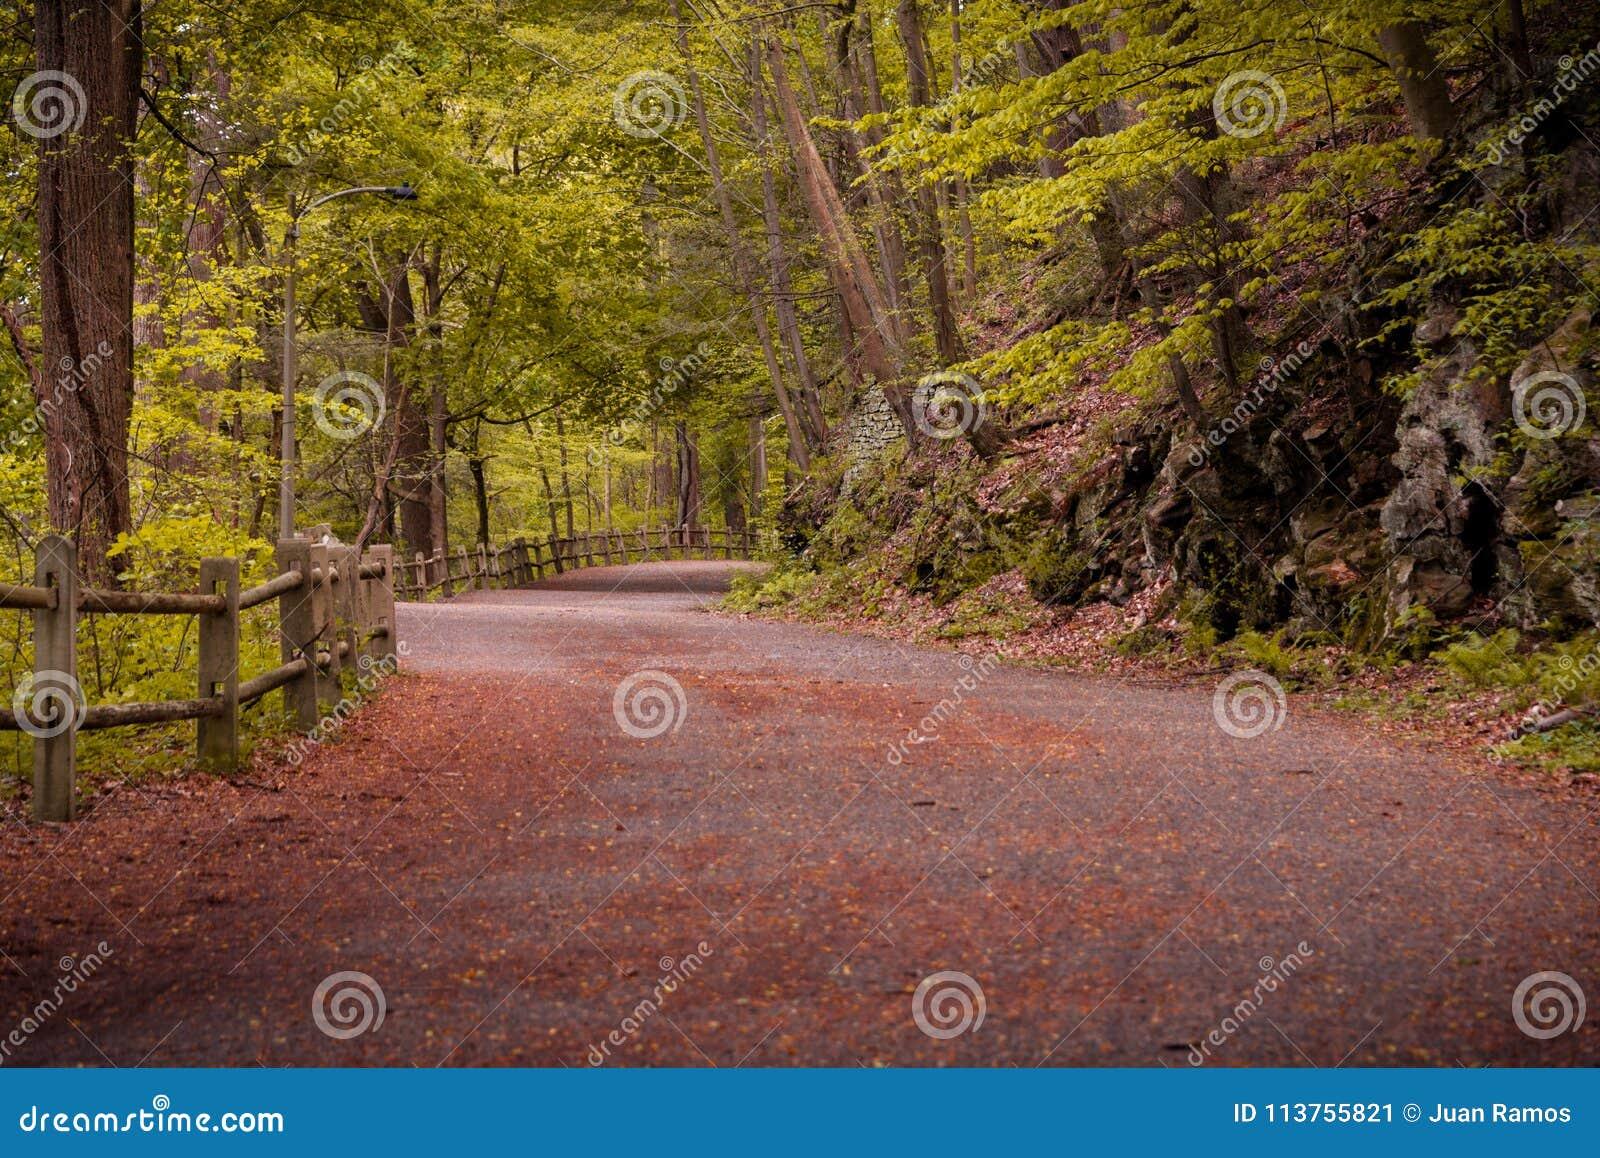 Brede weg door bos